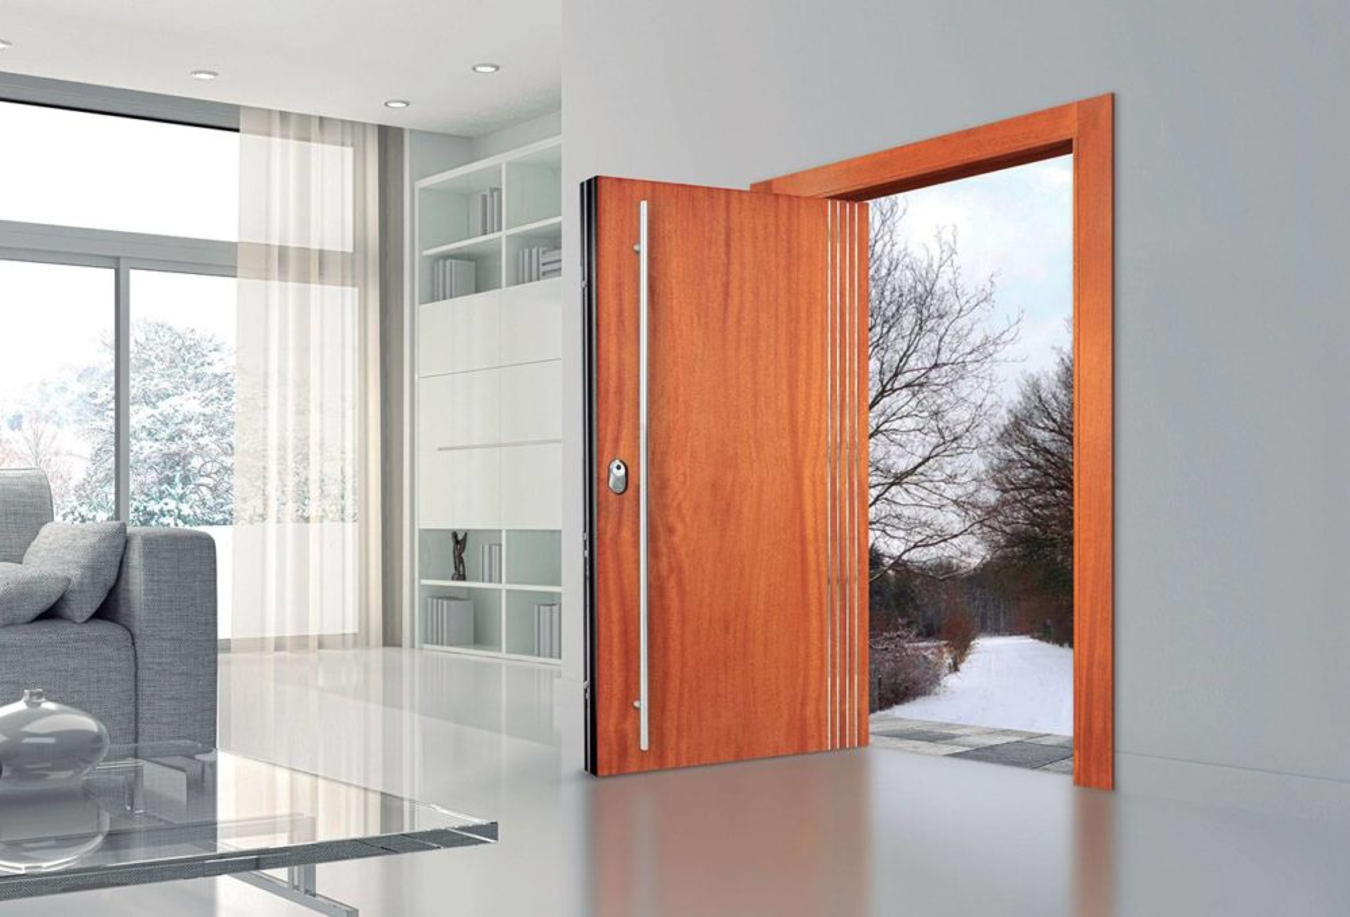 Puertas acorazadas puertas a medida agloma for Puertas de madera exterior modernas precios